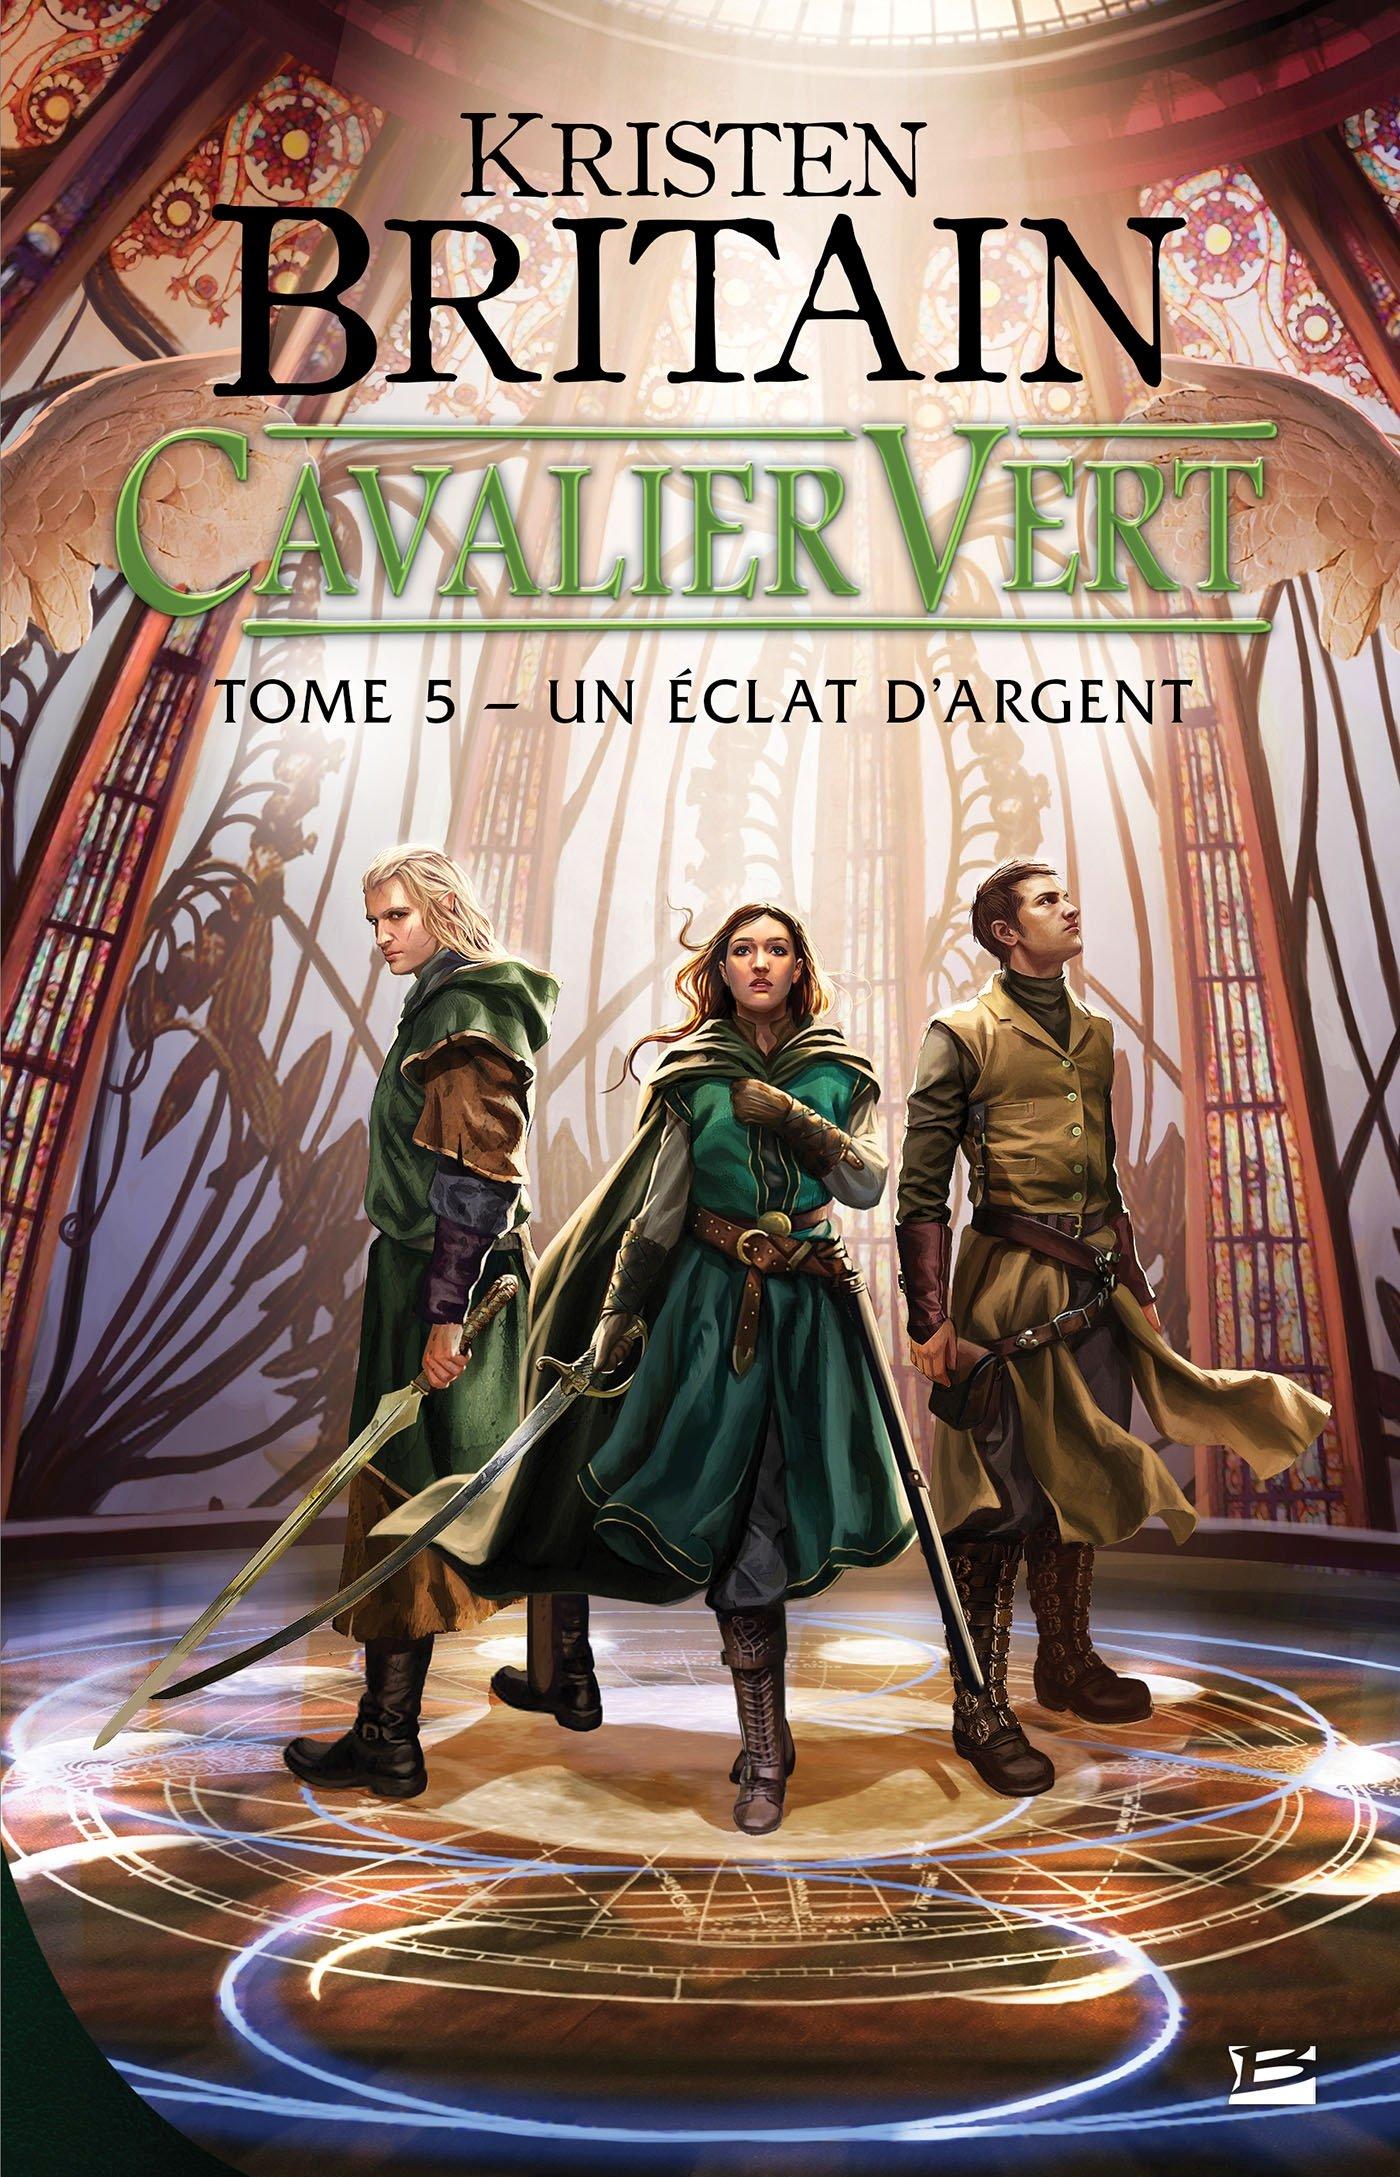 Cavalier Vert Tome 5 : Un éclat d'argent 91mtpcpdXGL